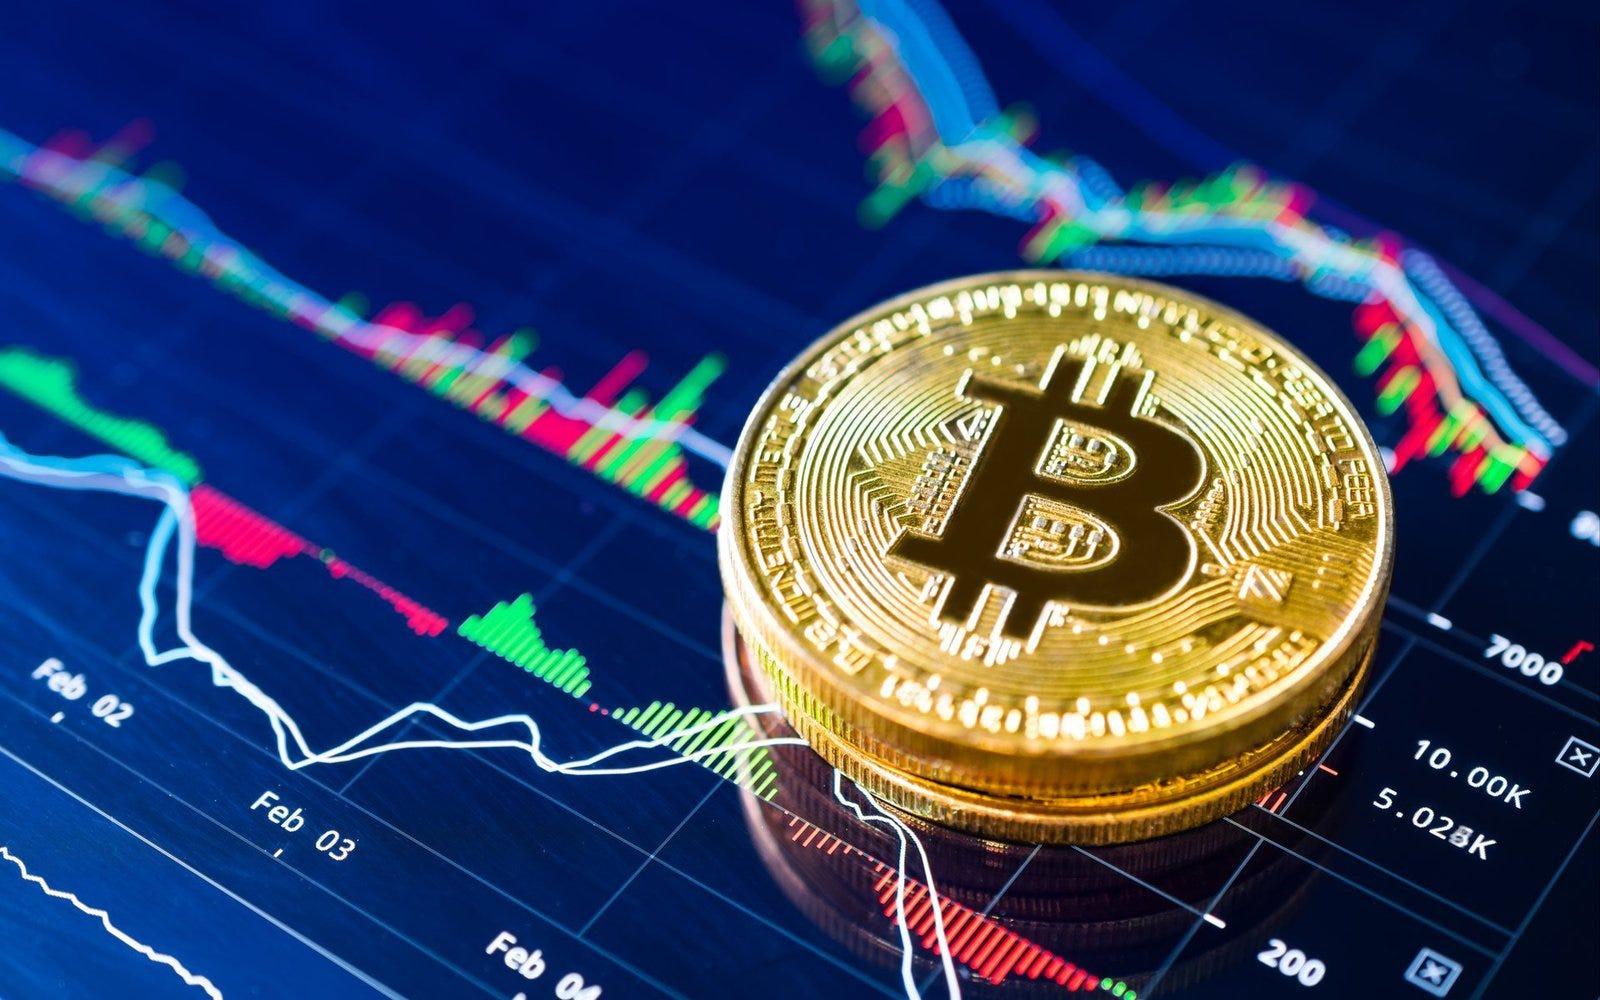 為什麼要投資比特幣跟加密貨幣? – Oscar W – Medium